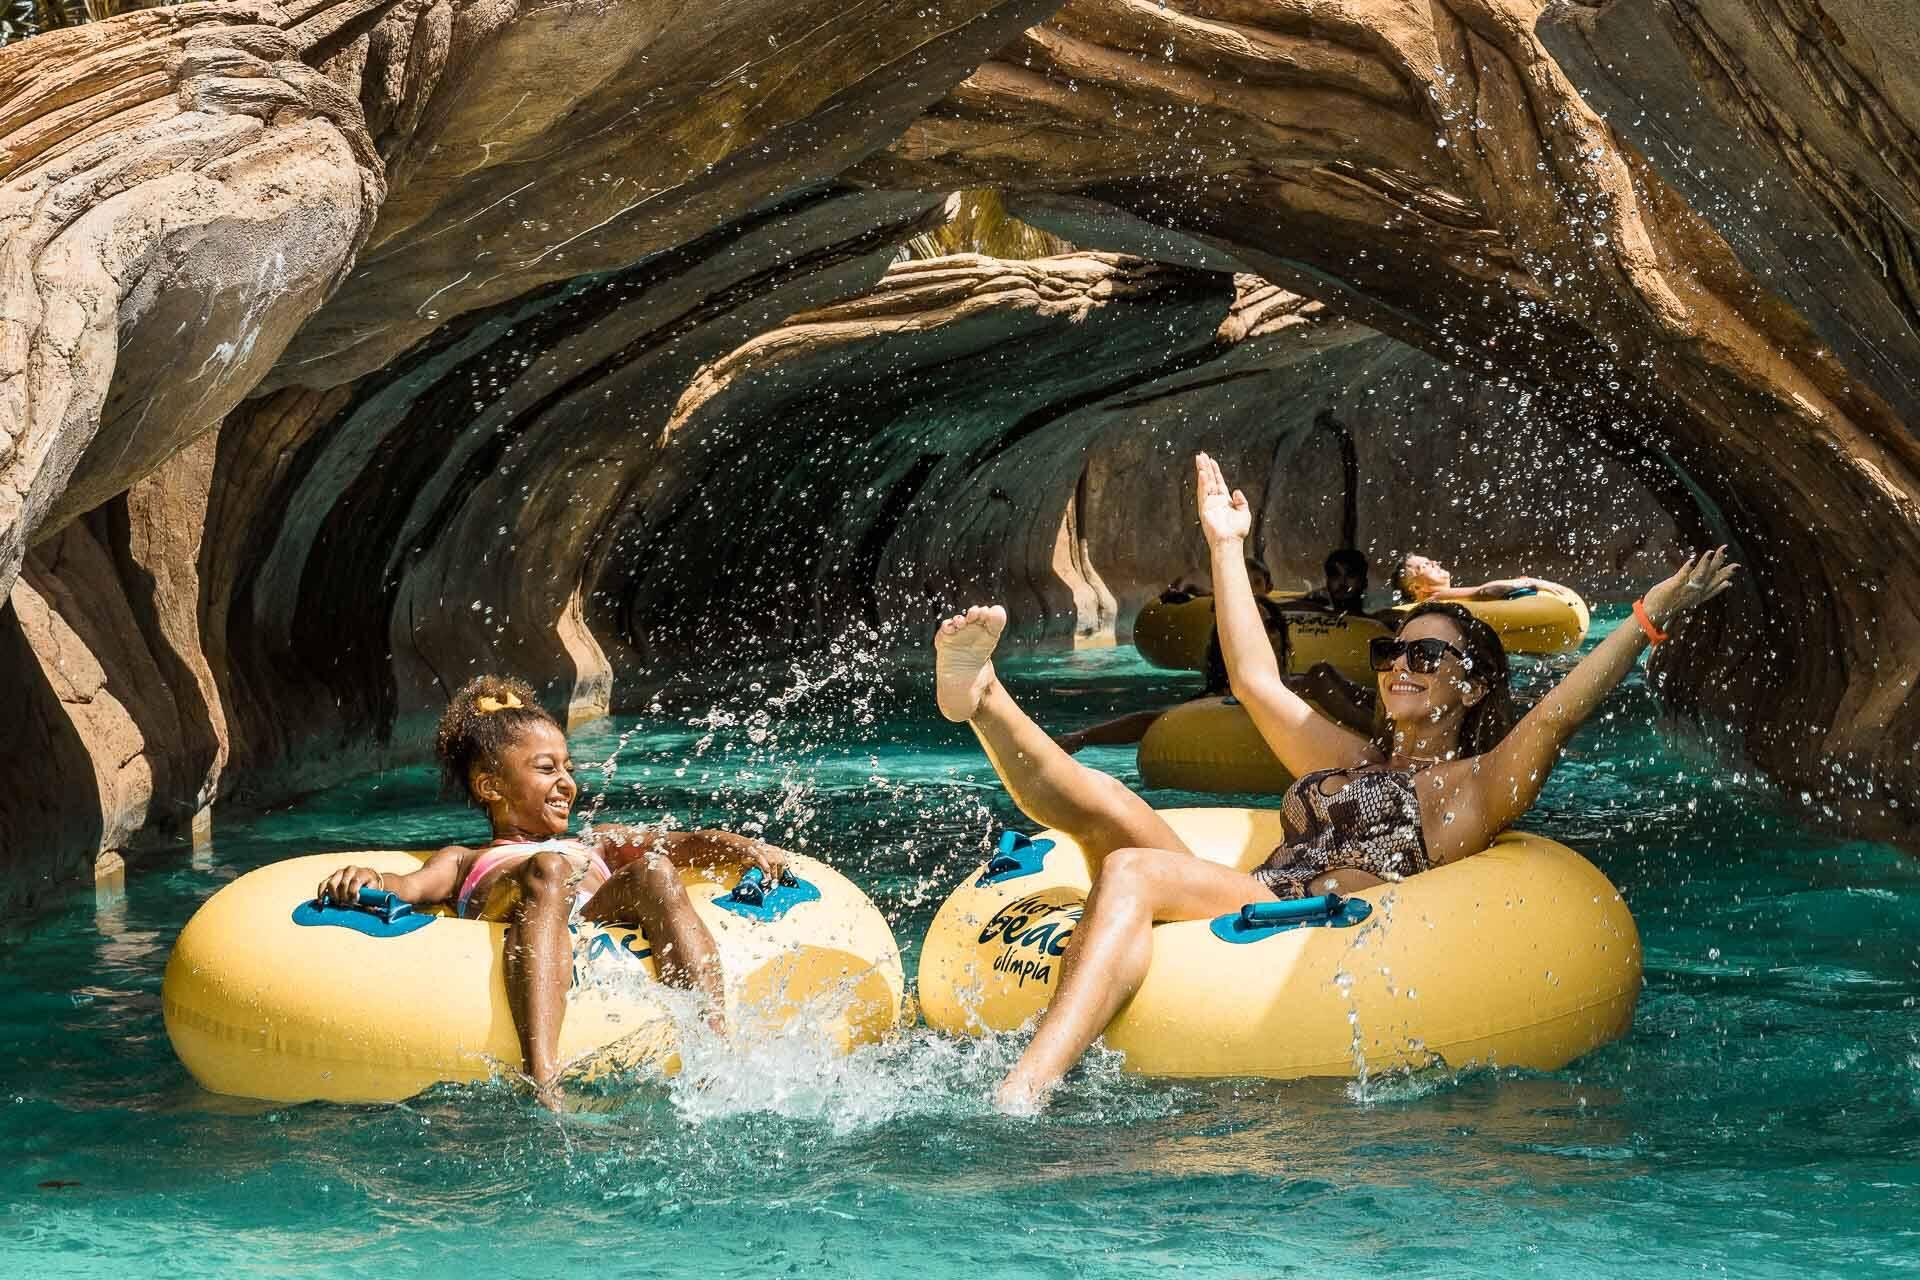 Hot Beach é mais um parque aquático em Olímpia com atrações para públicos de diversas idades. Foto: Reprodução/Facebook/Hot Beach Olimpia